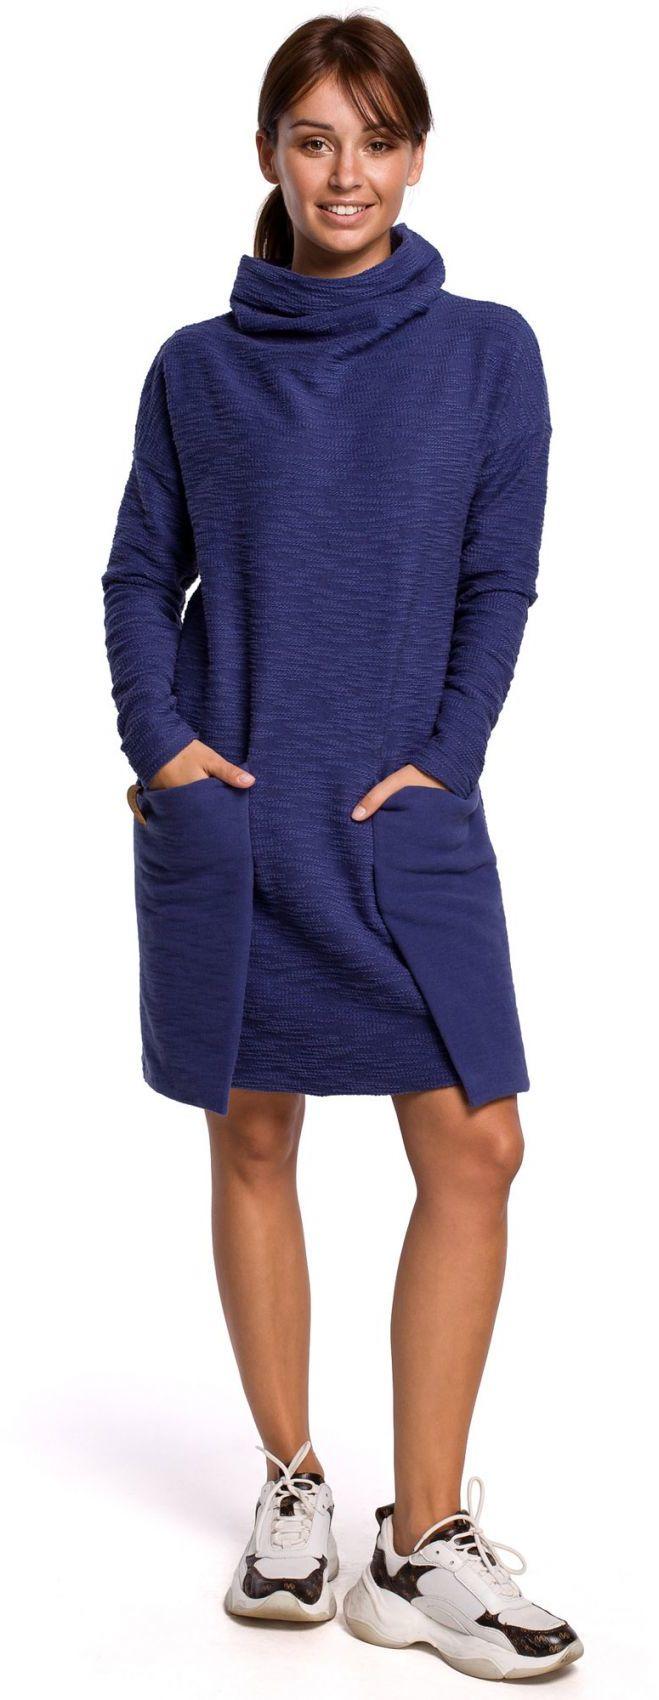 B177 Sukienka z kieszeniami naszywanymi - indygo